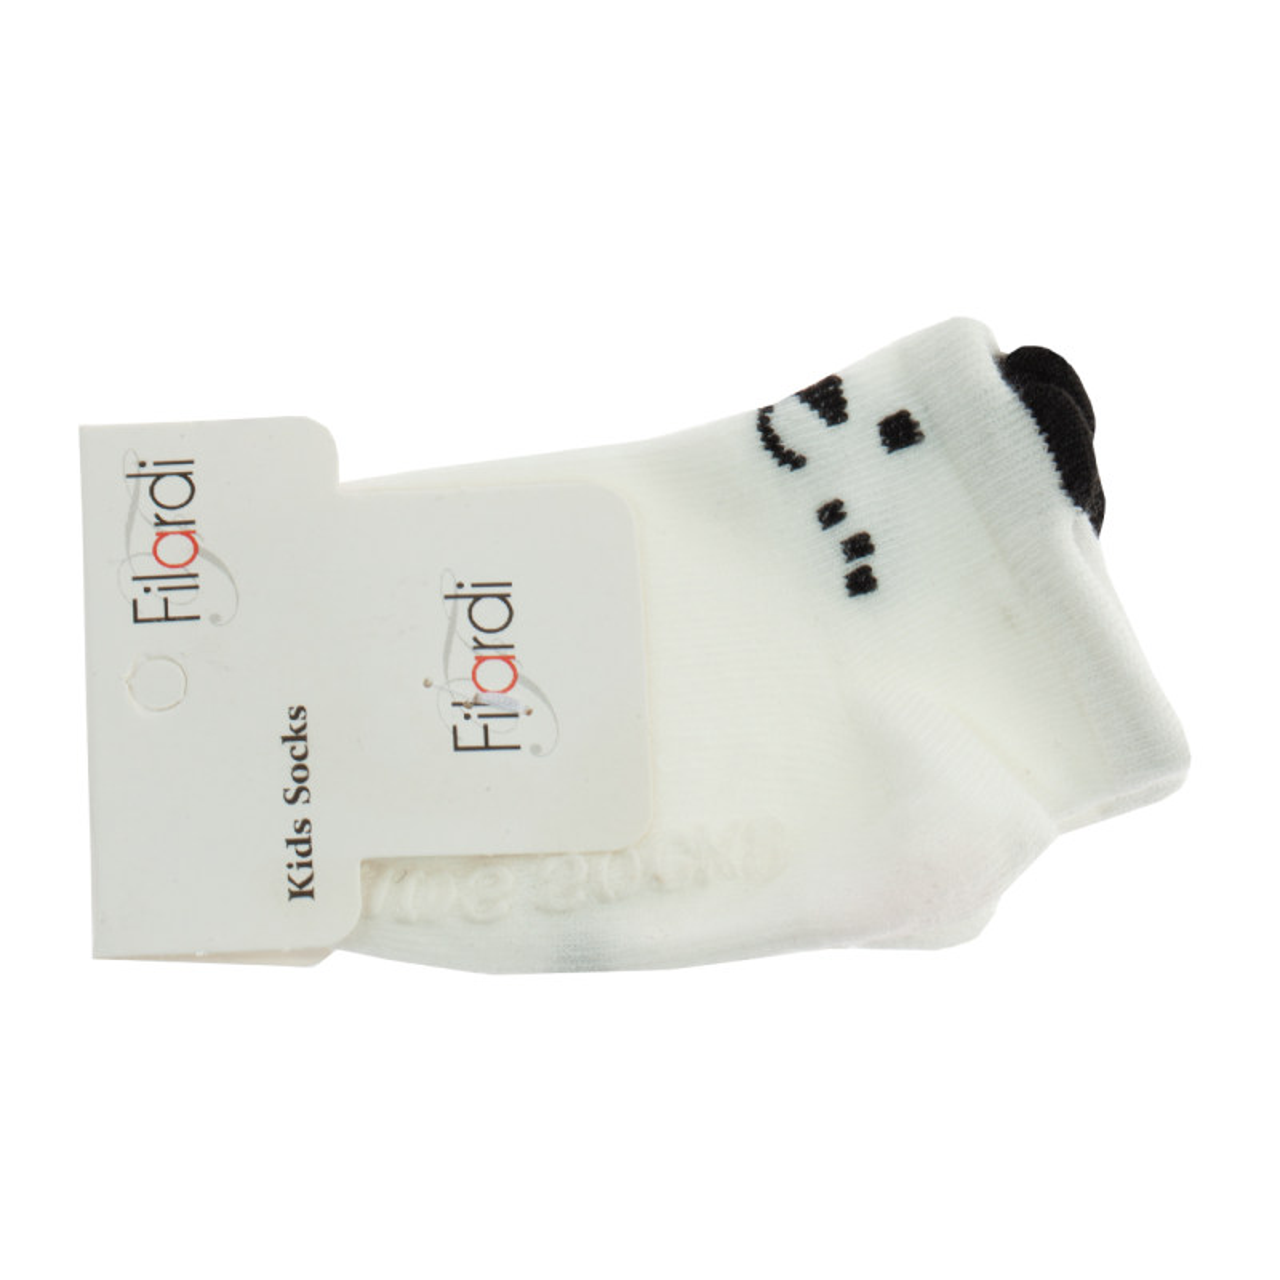 جوراب نوزاد فیلاردی مدل Dog2 رنگ سفید